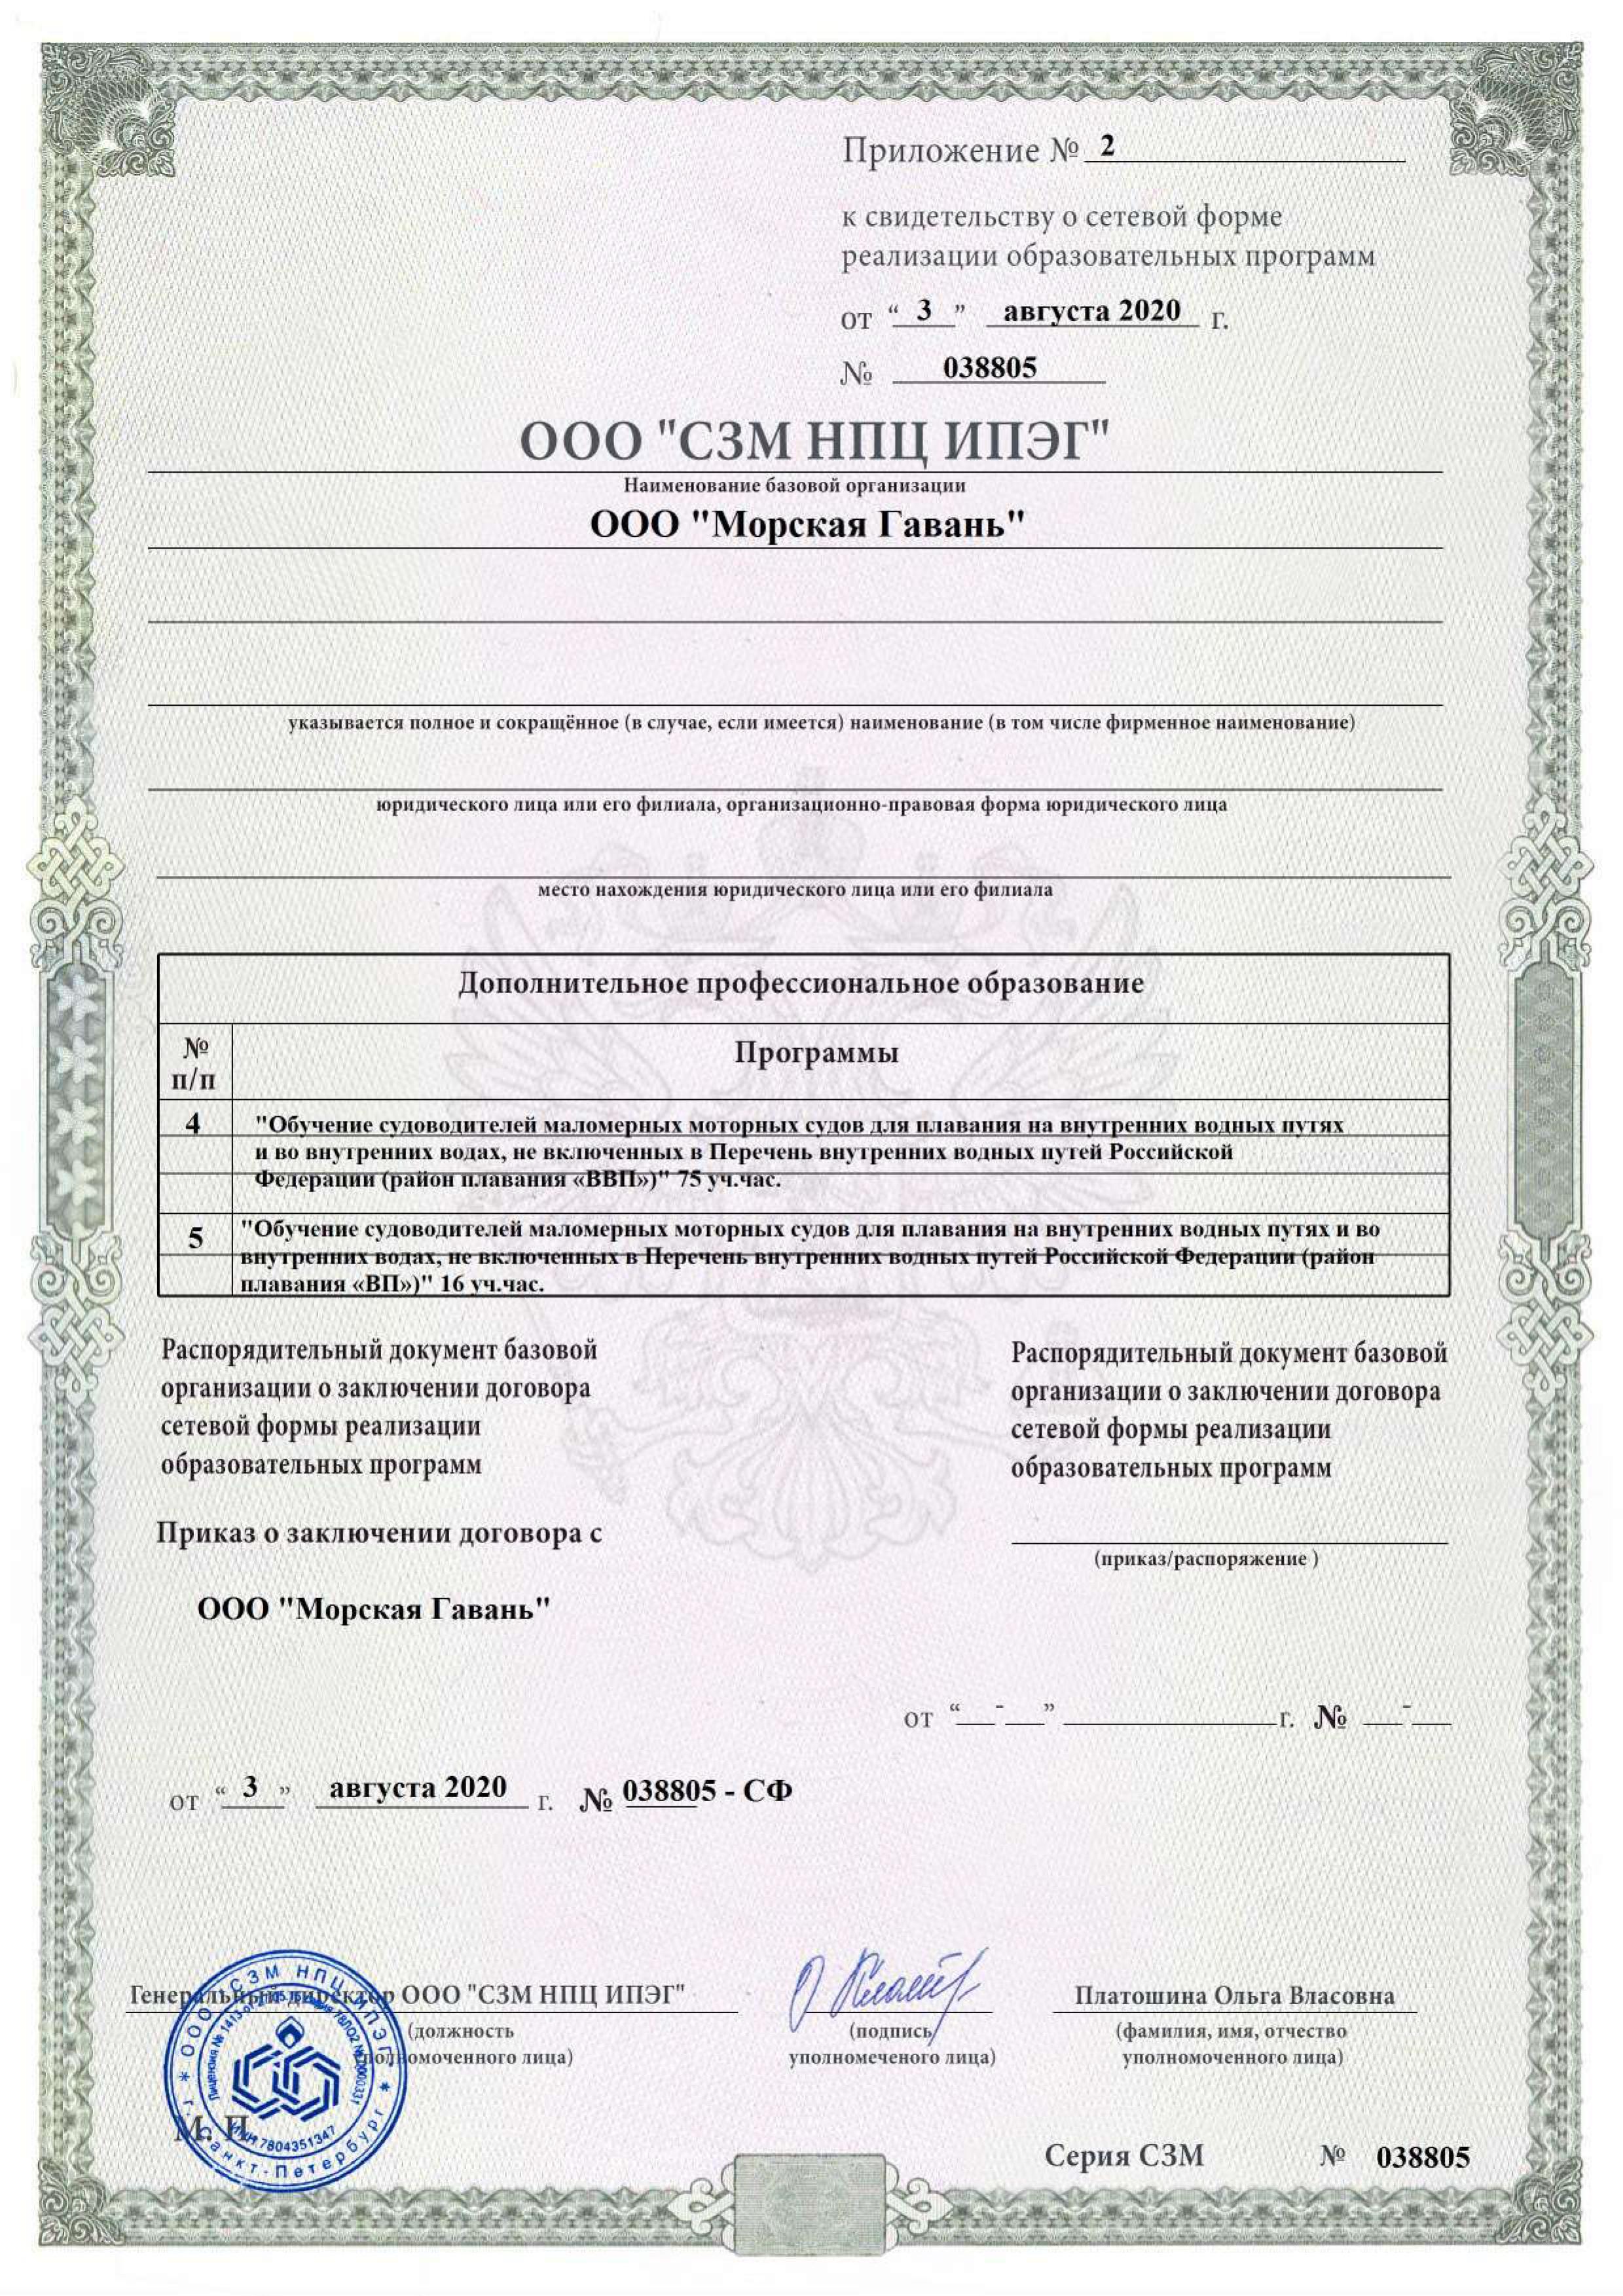 Свидетельство о сертификации Морская Гавань-4